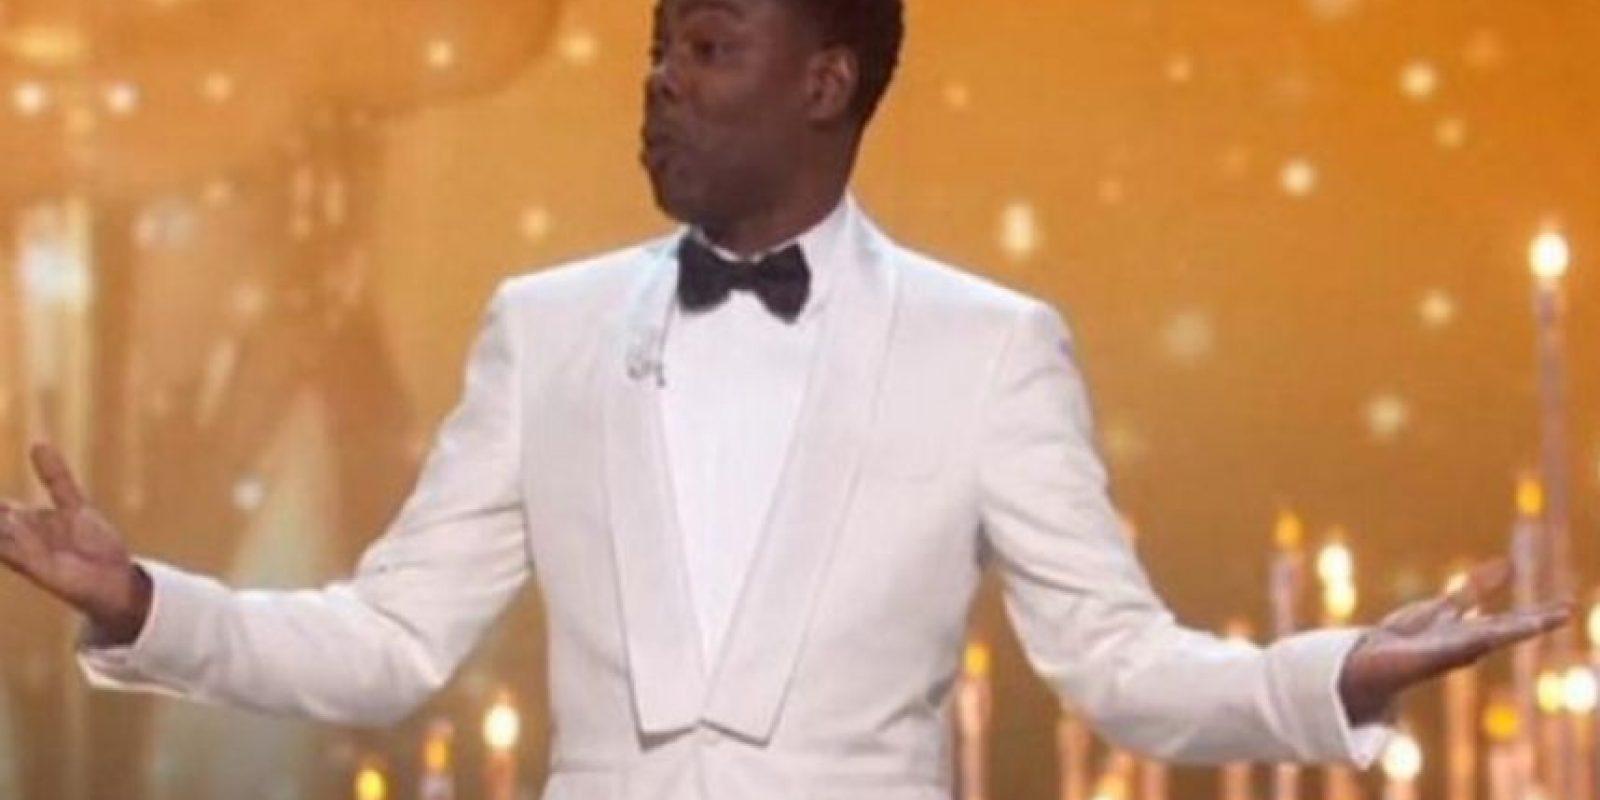 Chris Rock apareció en el escenario vestido con un saco blanco, y su monólogo se centró en la polémica de la falta de personalidades de color nominados en esta entrega. Foto:Vía TNT